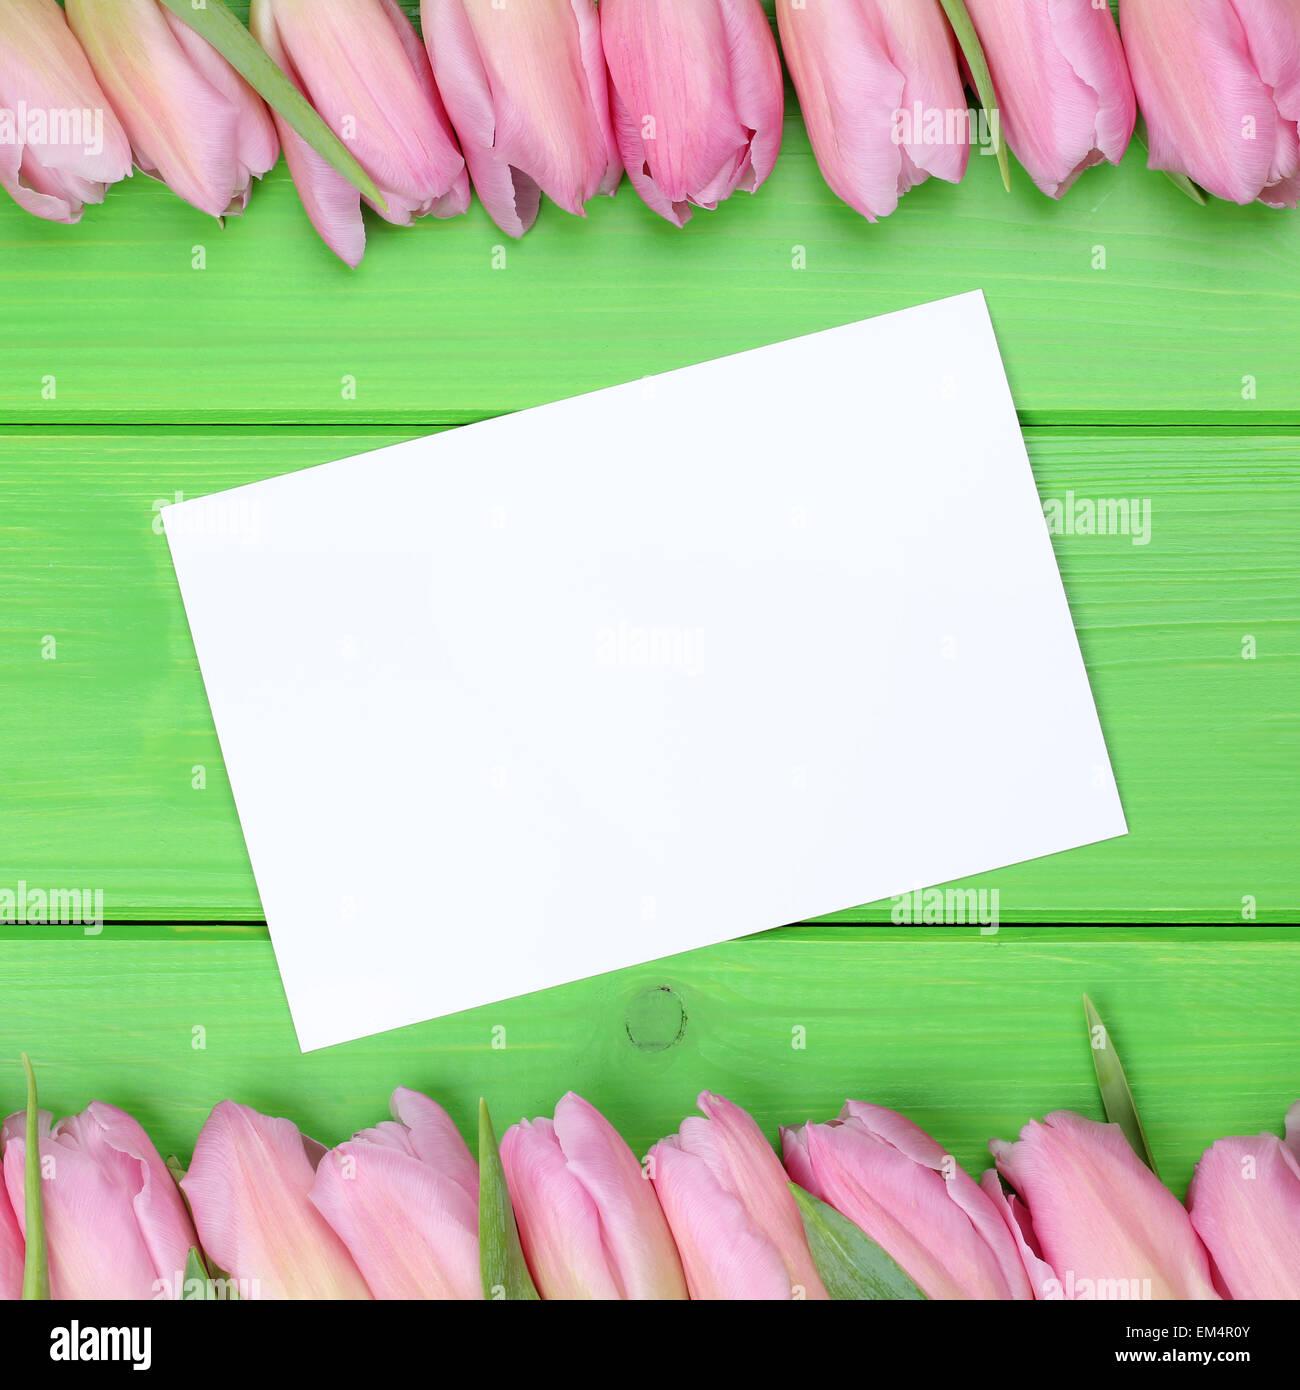 Tulpen-Blumen im Frühling mit Grußkarte und Exemplar für Ihren eigenen text Stockbild